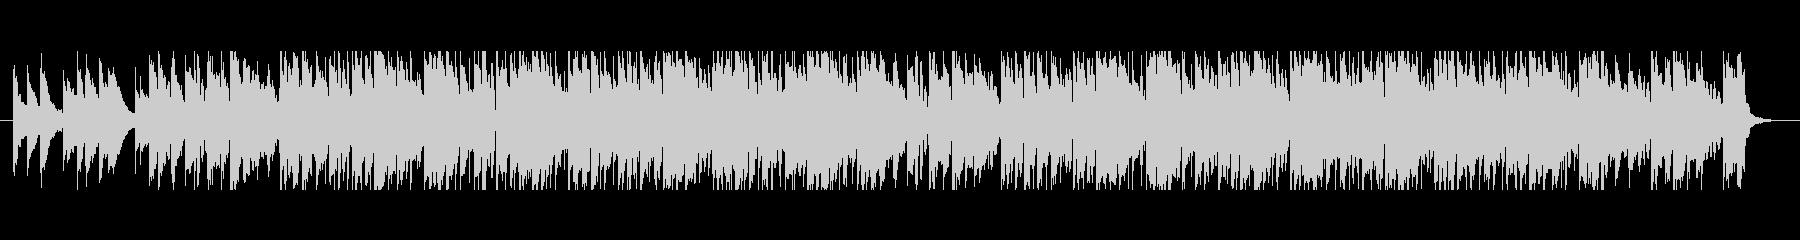 切ないアコギのLo-Fi HipHopの未再生の波形